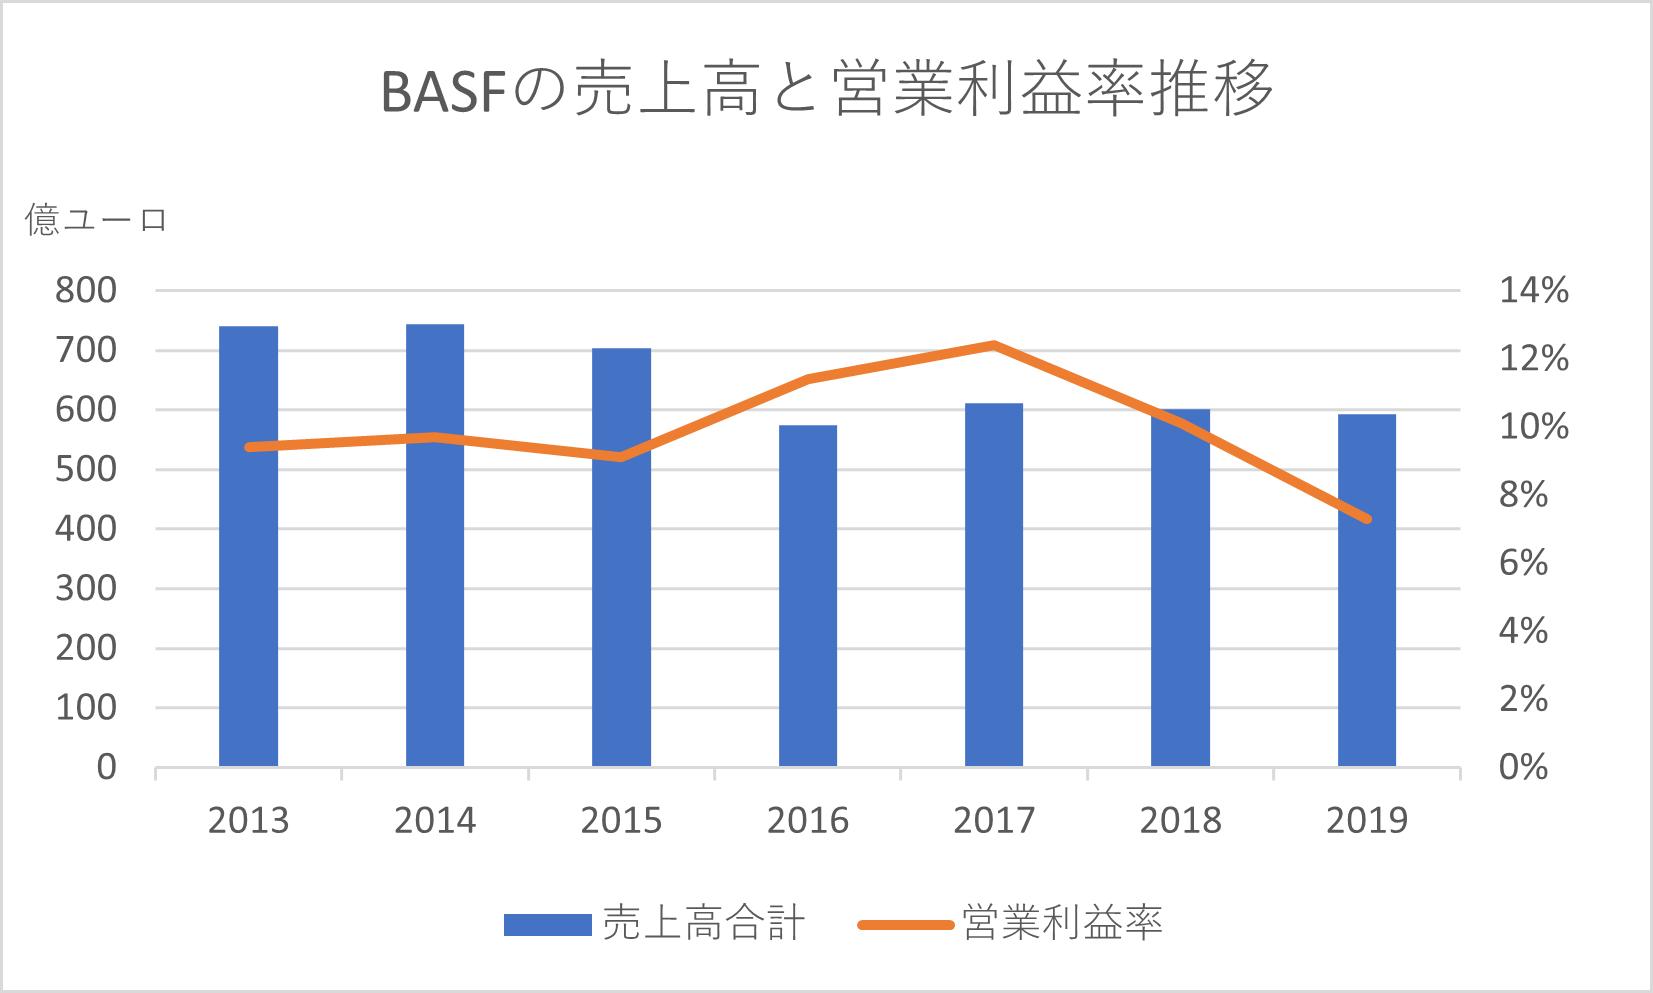 BASFの売上高と営業利益率推移